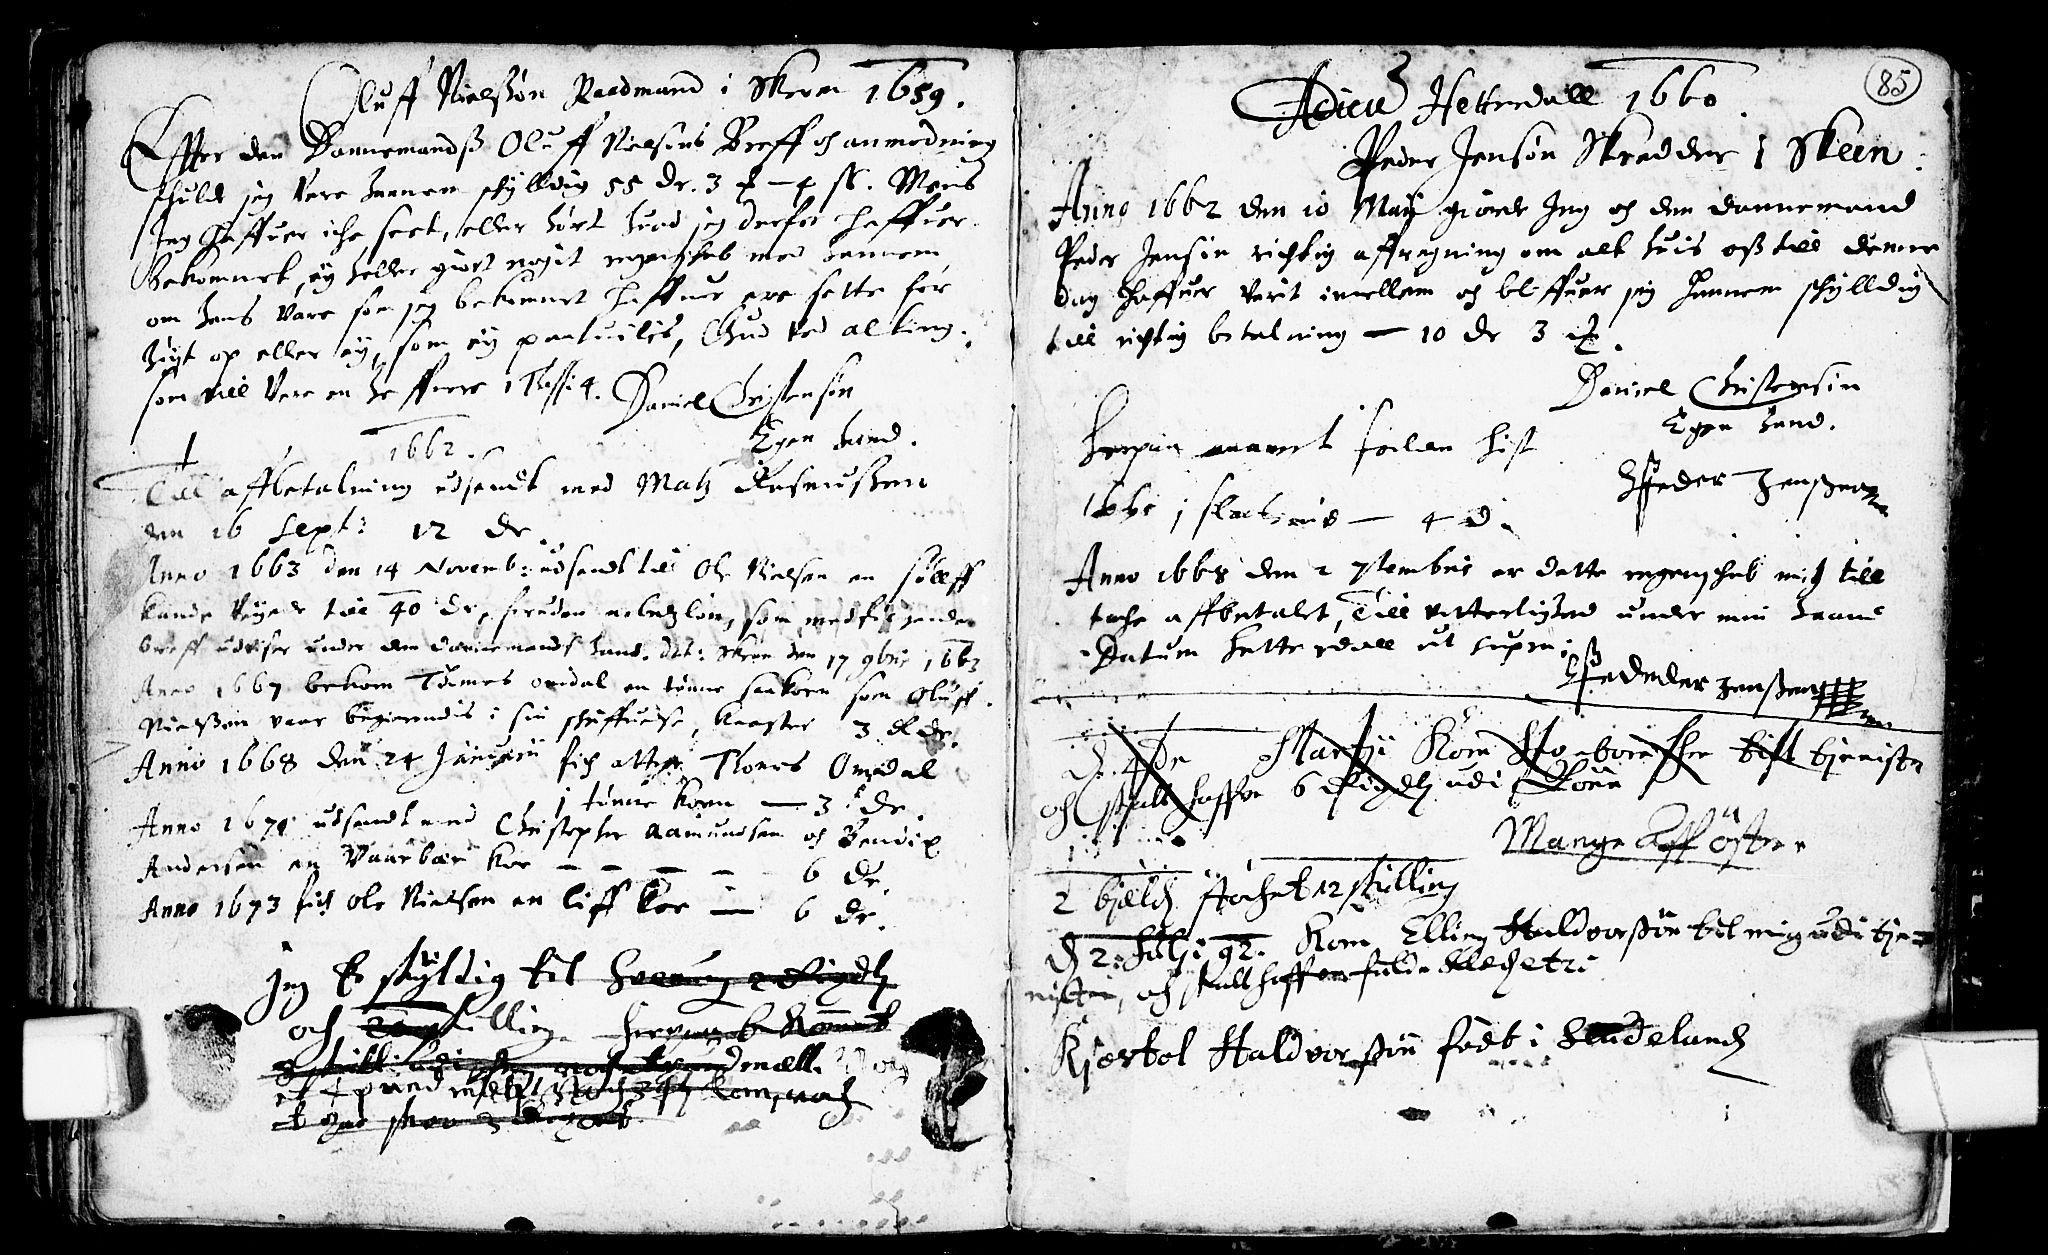 SAKO, Heddal kirkebøker, F/Fa/L0001: Ministerialbok nr. I 1, 1648-1699, s. 85